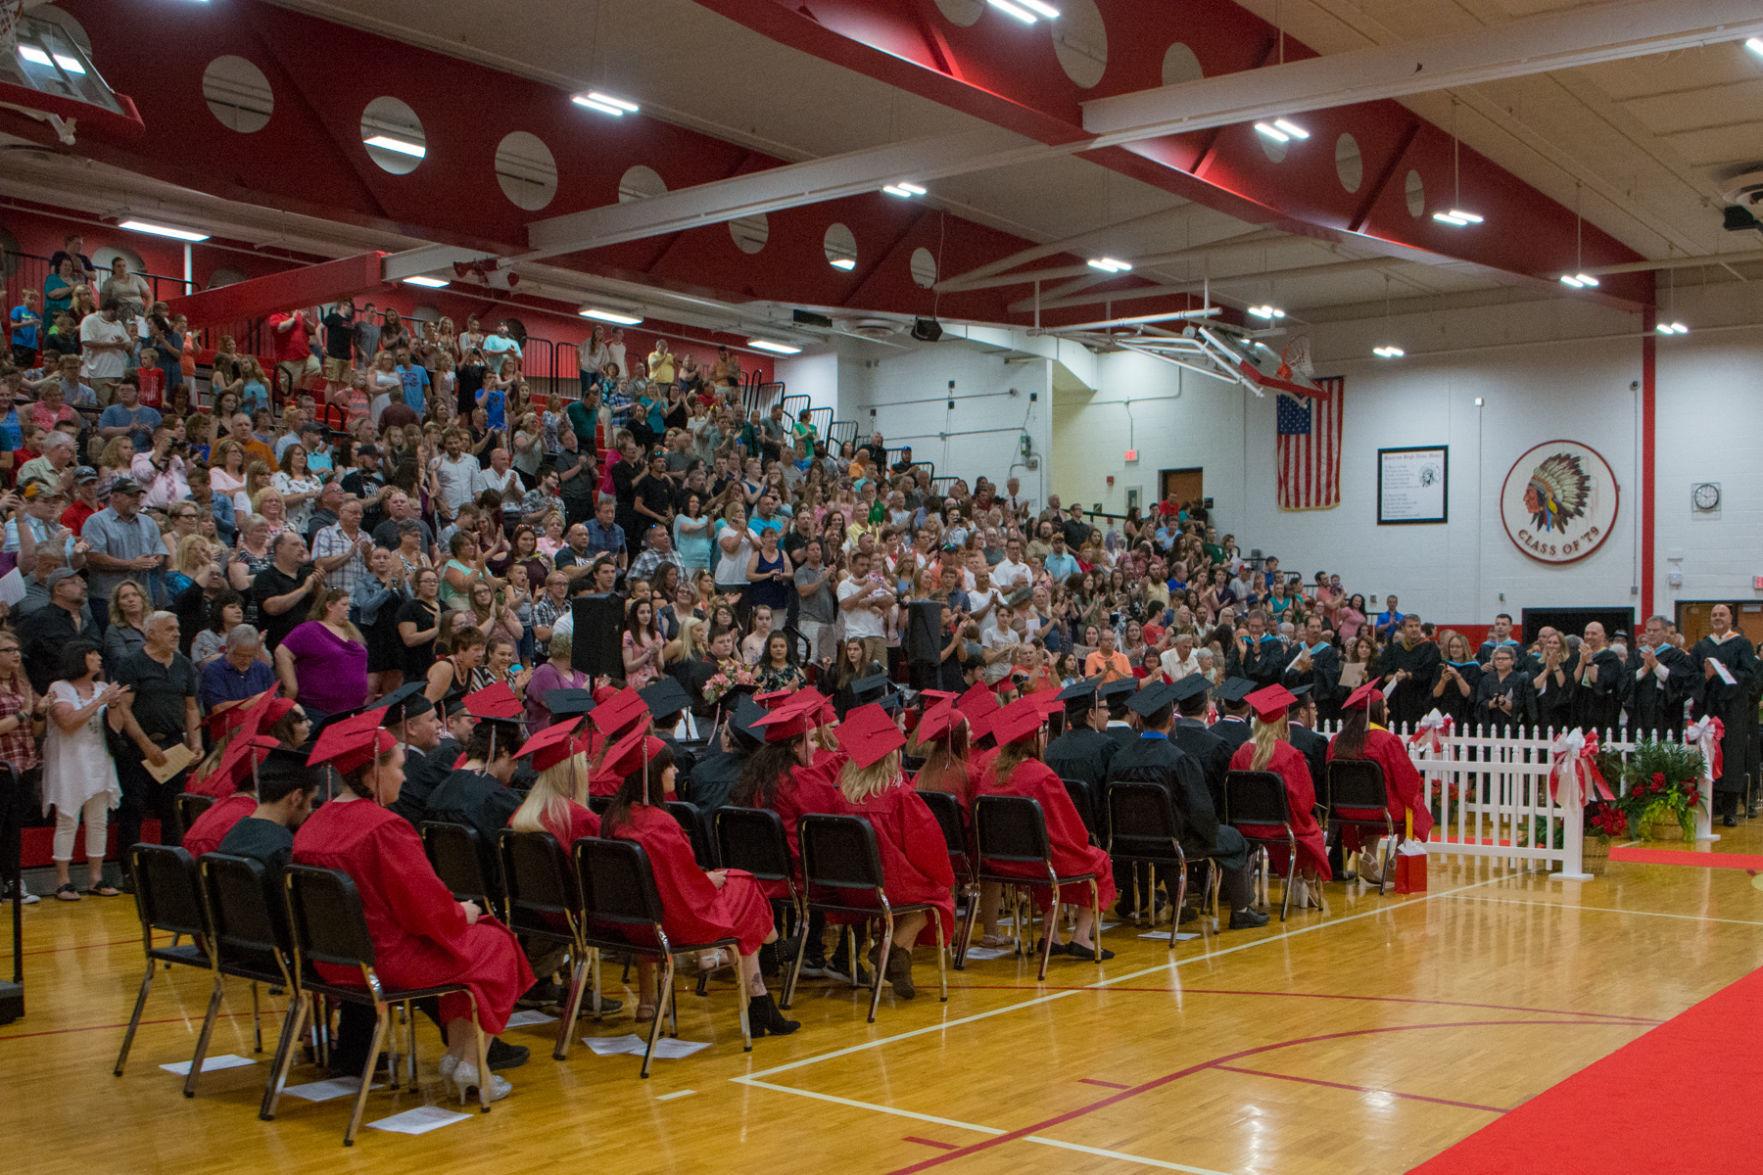 GALLERY: Bucyrus High School Graduation 2018